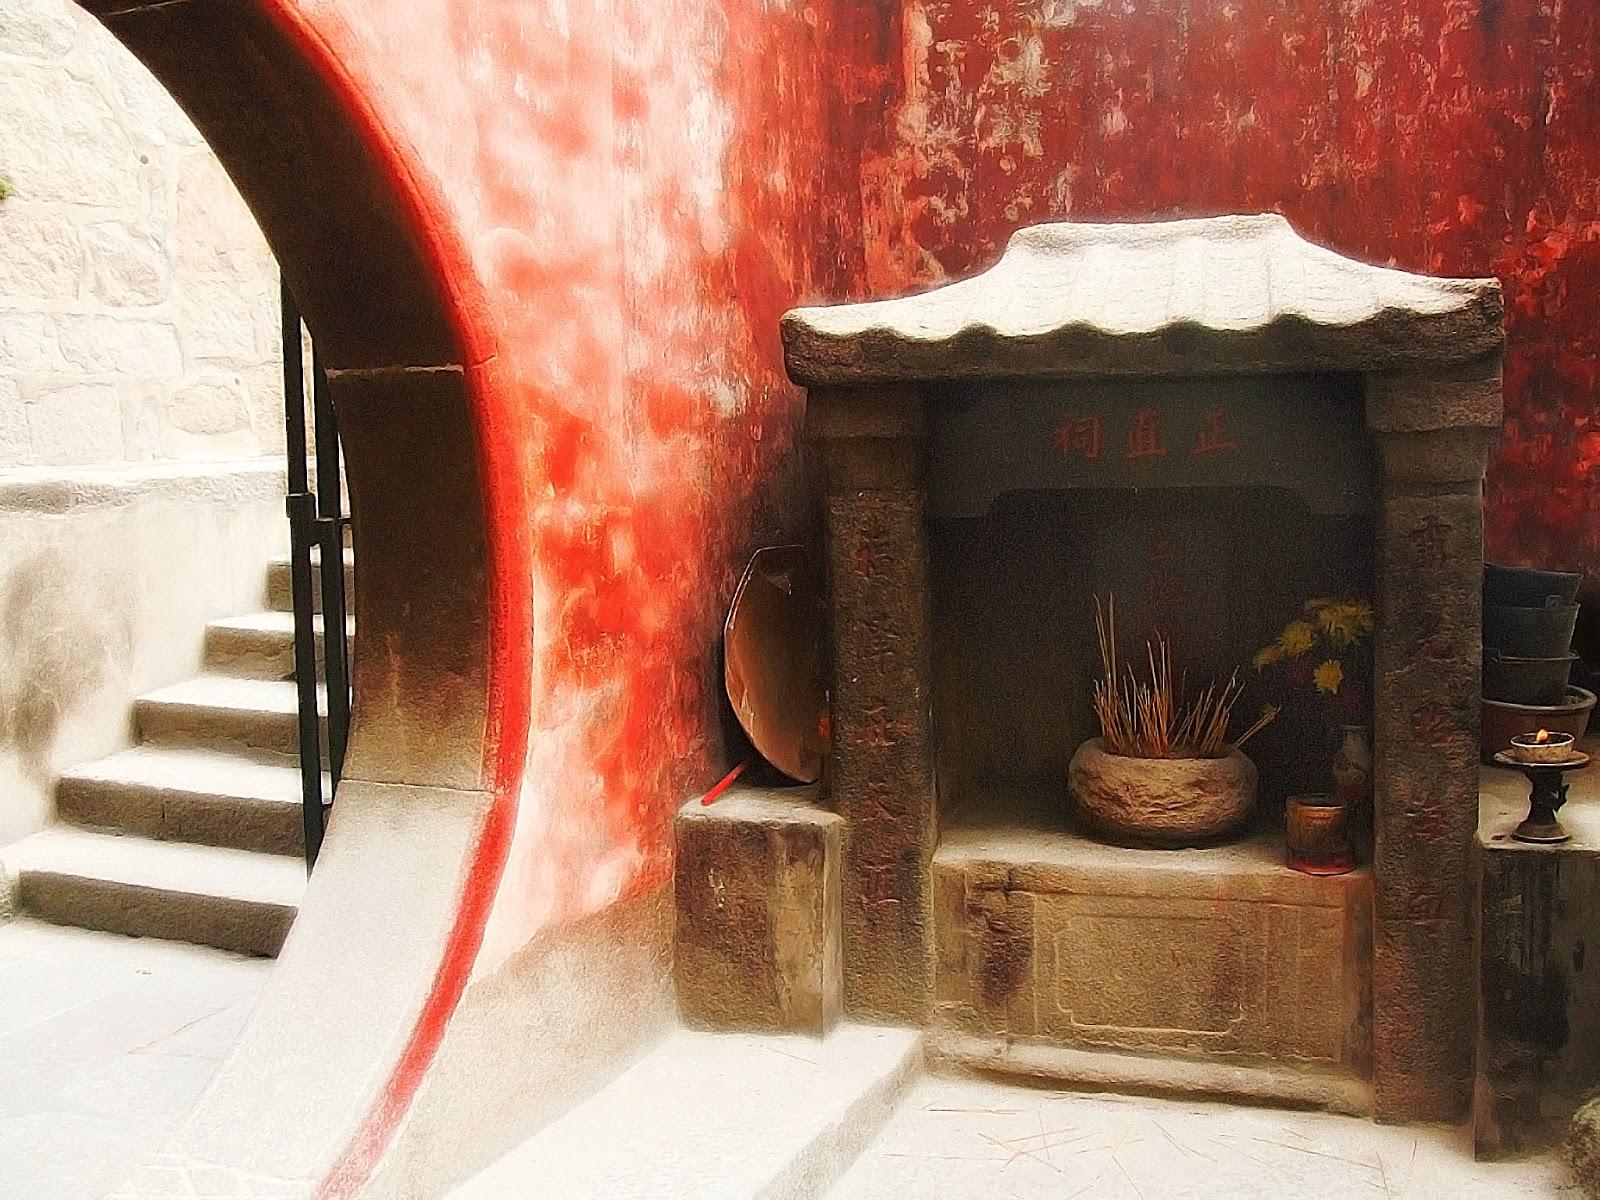 Templo ancestral chinês com escada ao fundo e parede vermelha desgastada ilustra este post sobre o Shijing, o Livro das Canções.